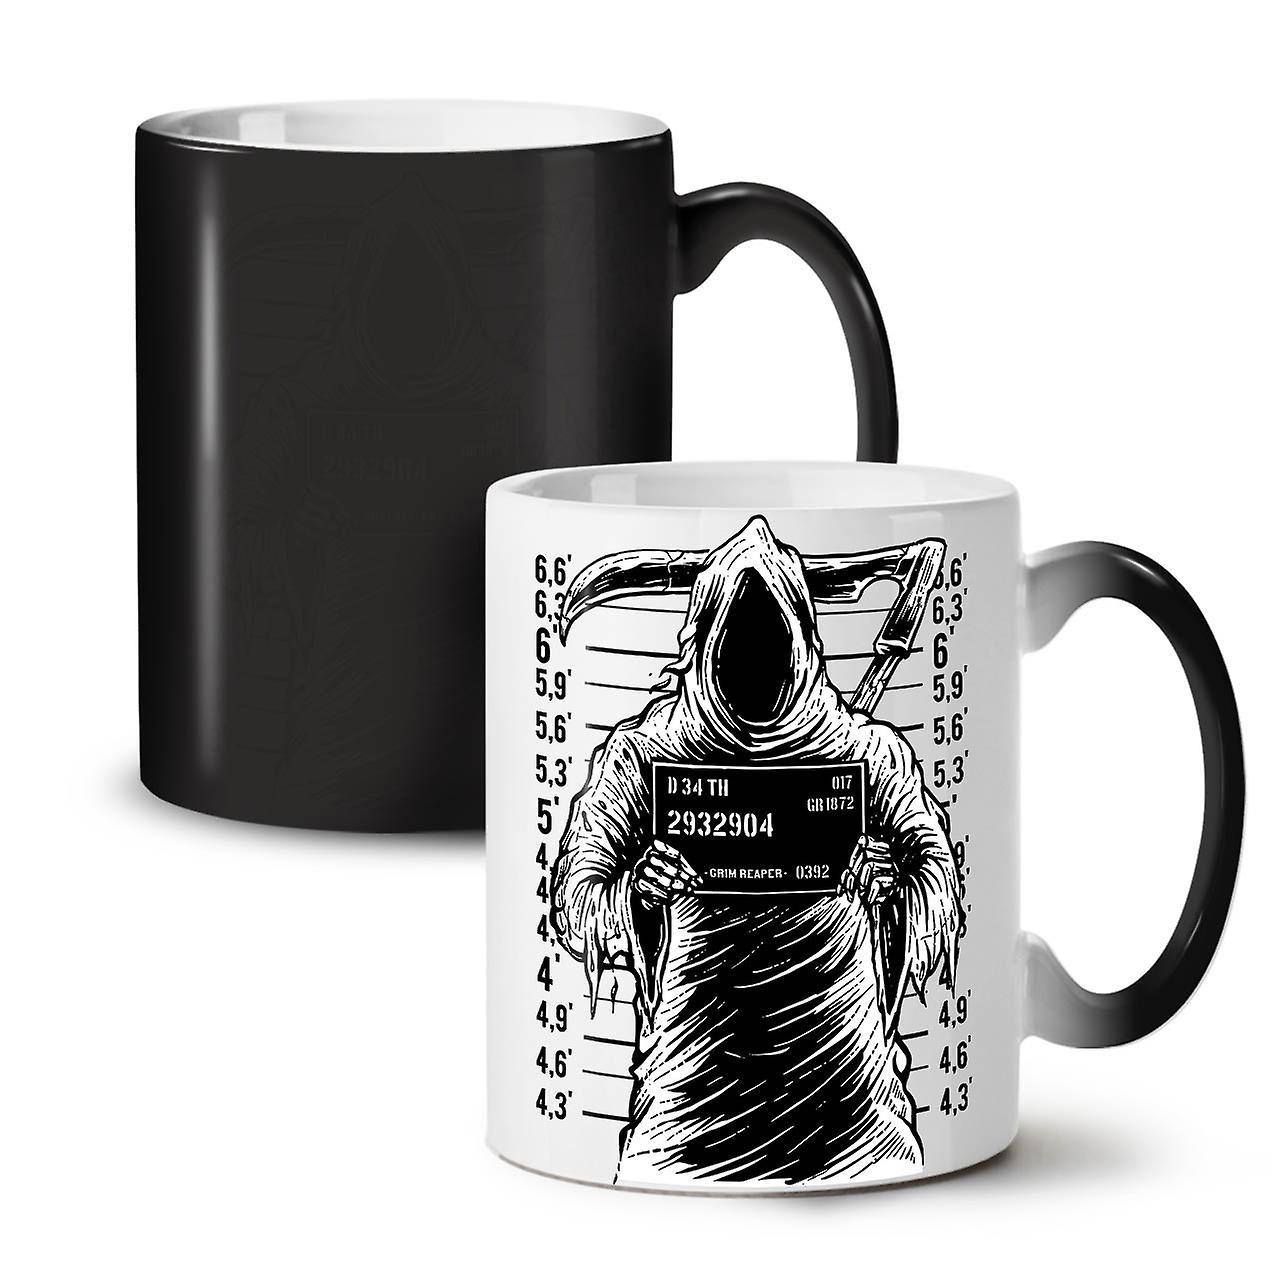 11 Horreur OzWellcoda Prison Grim Noir Reaper Tasse Couleur Thé Changeant Café Céramique Nouvelle VzqSUMp